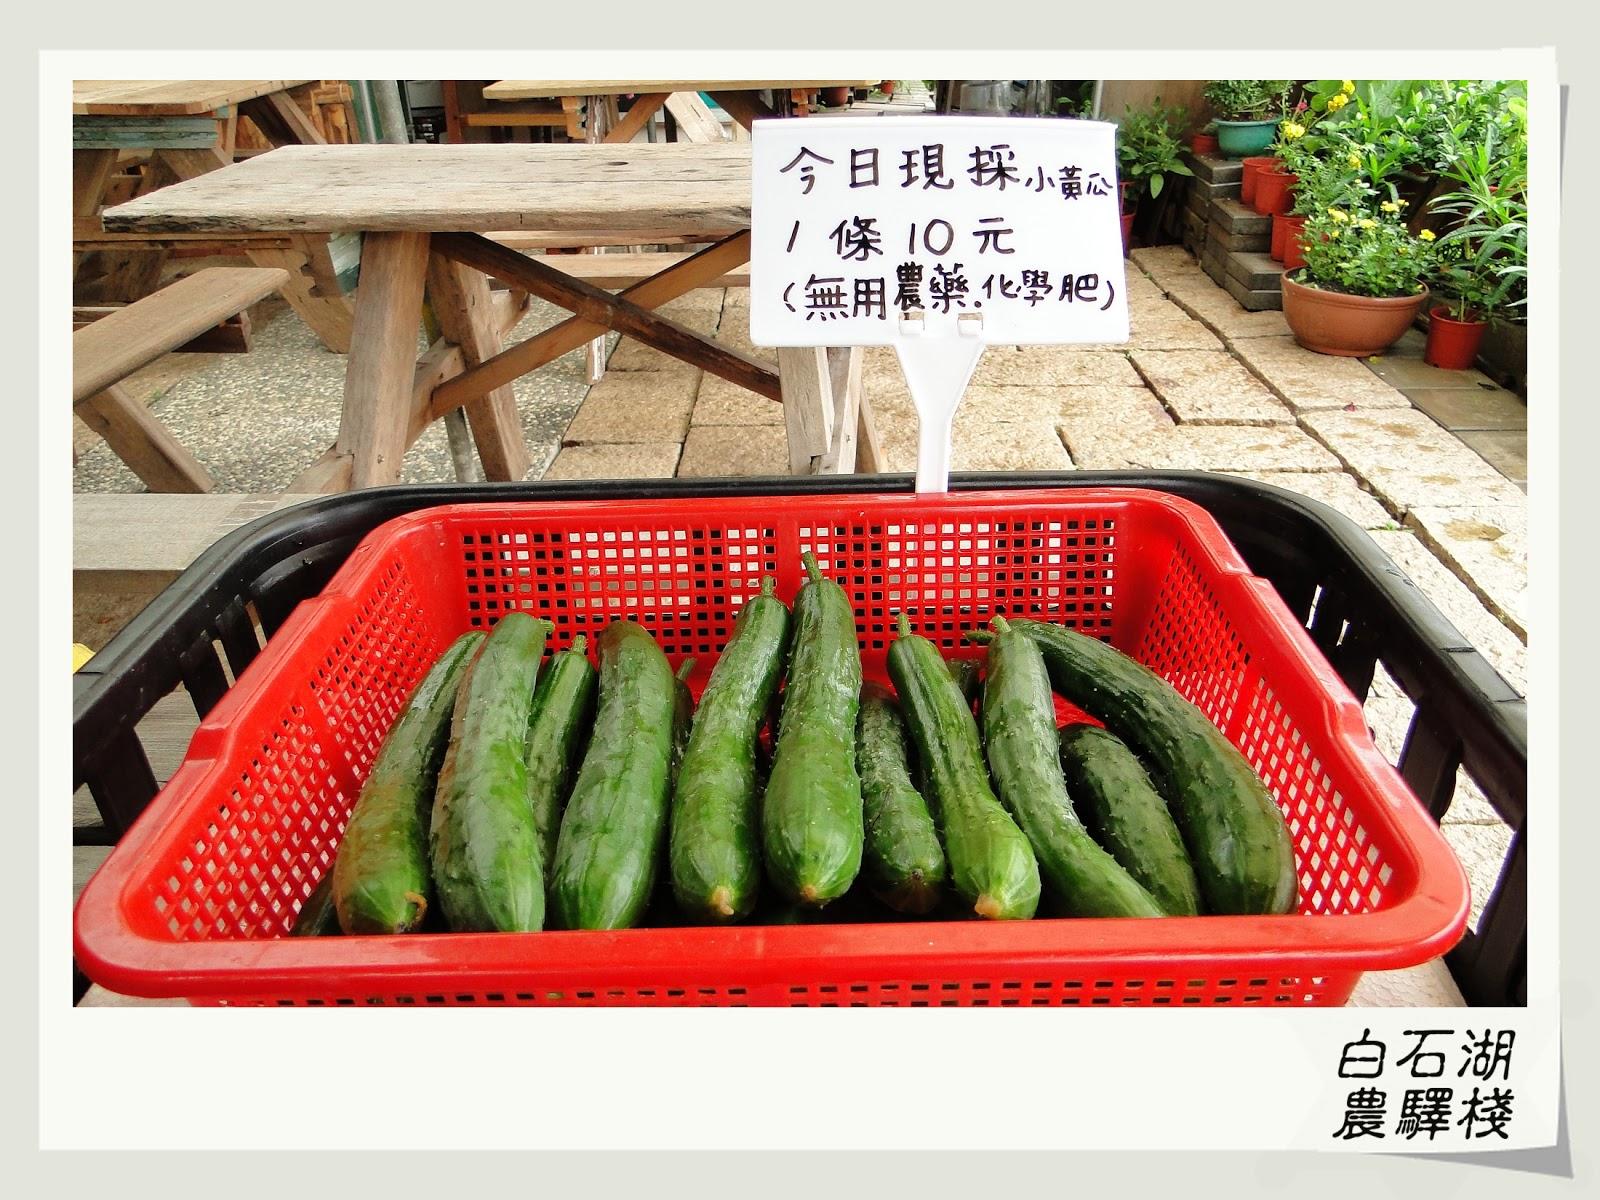 臺北市: 小黃瓜